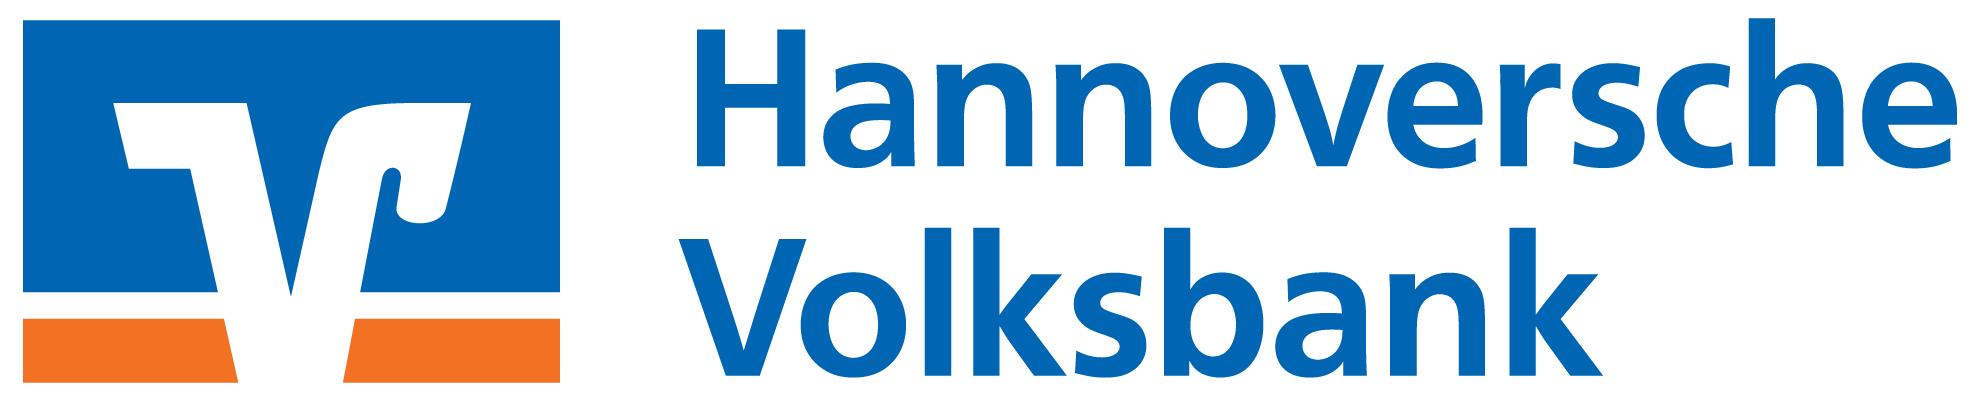 Hannoversche Volksbank eG Geldautomat Hainholz (Kaufland)